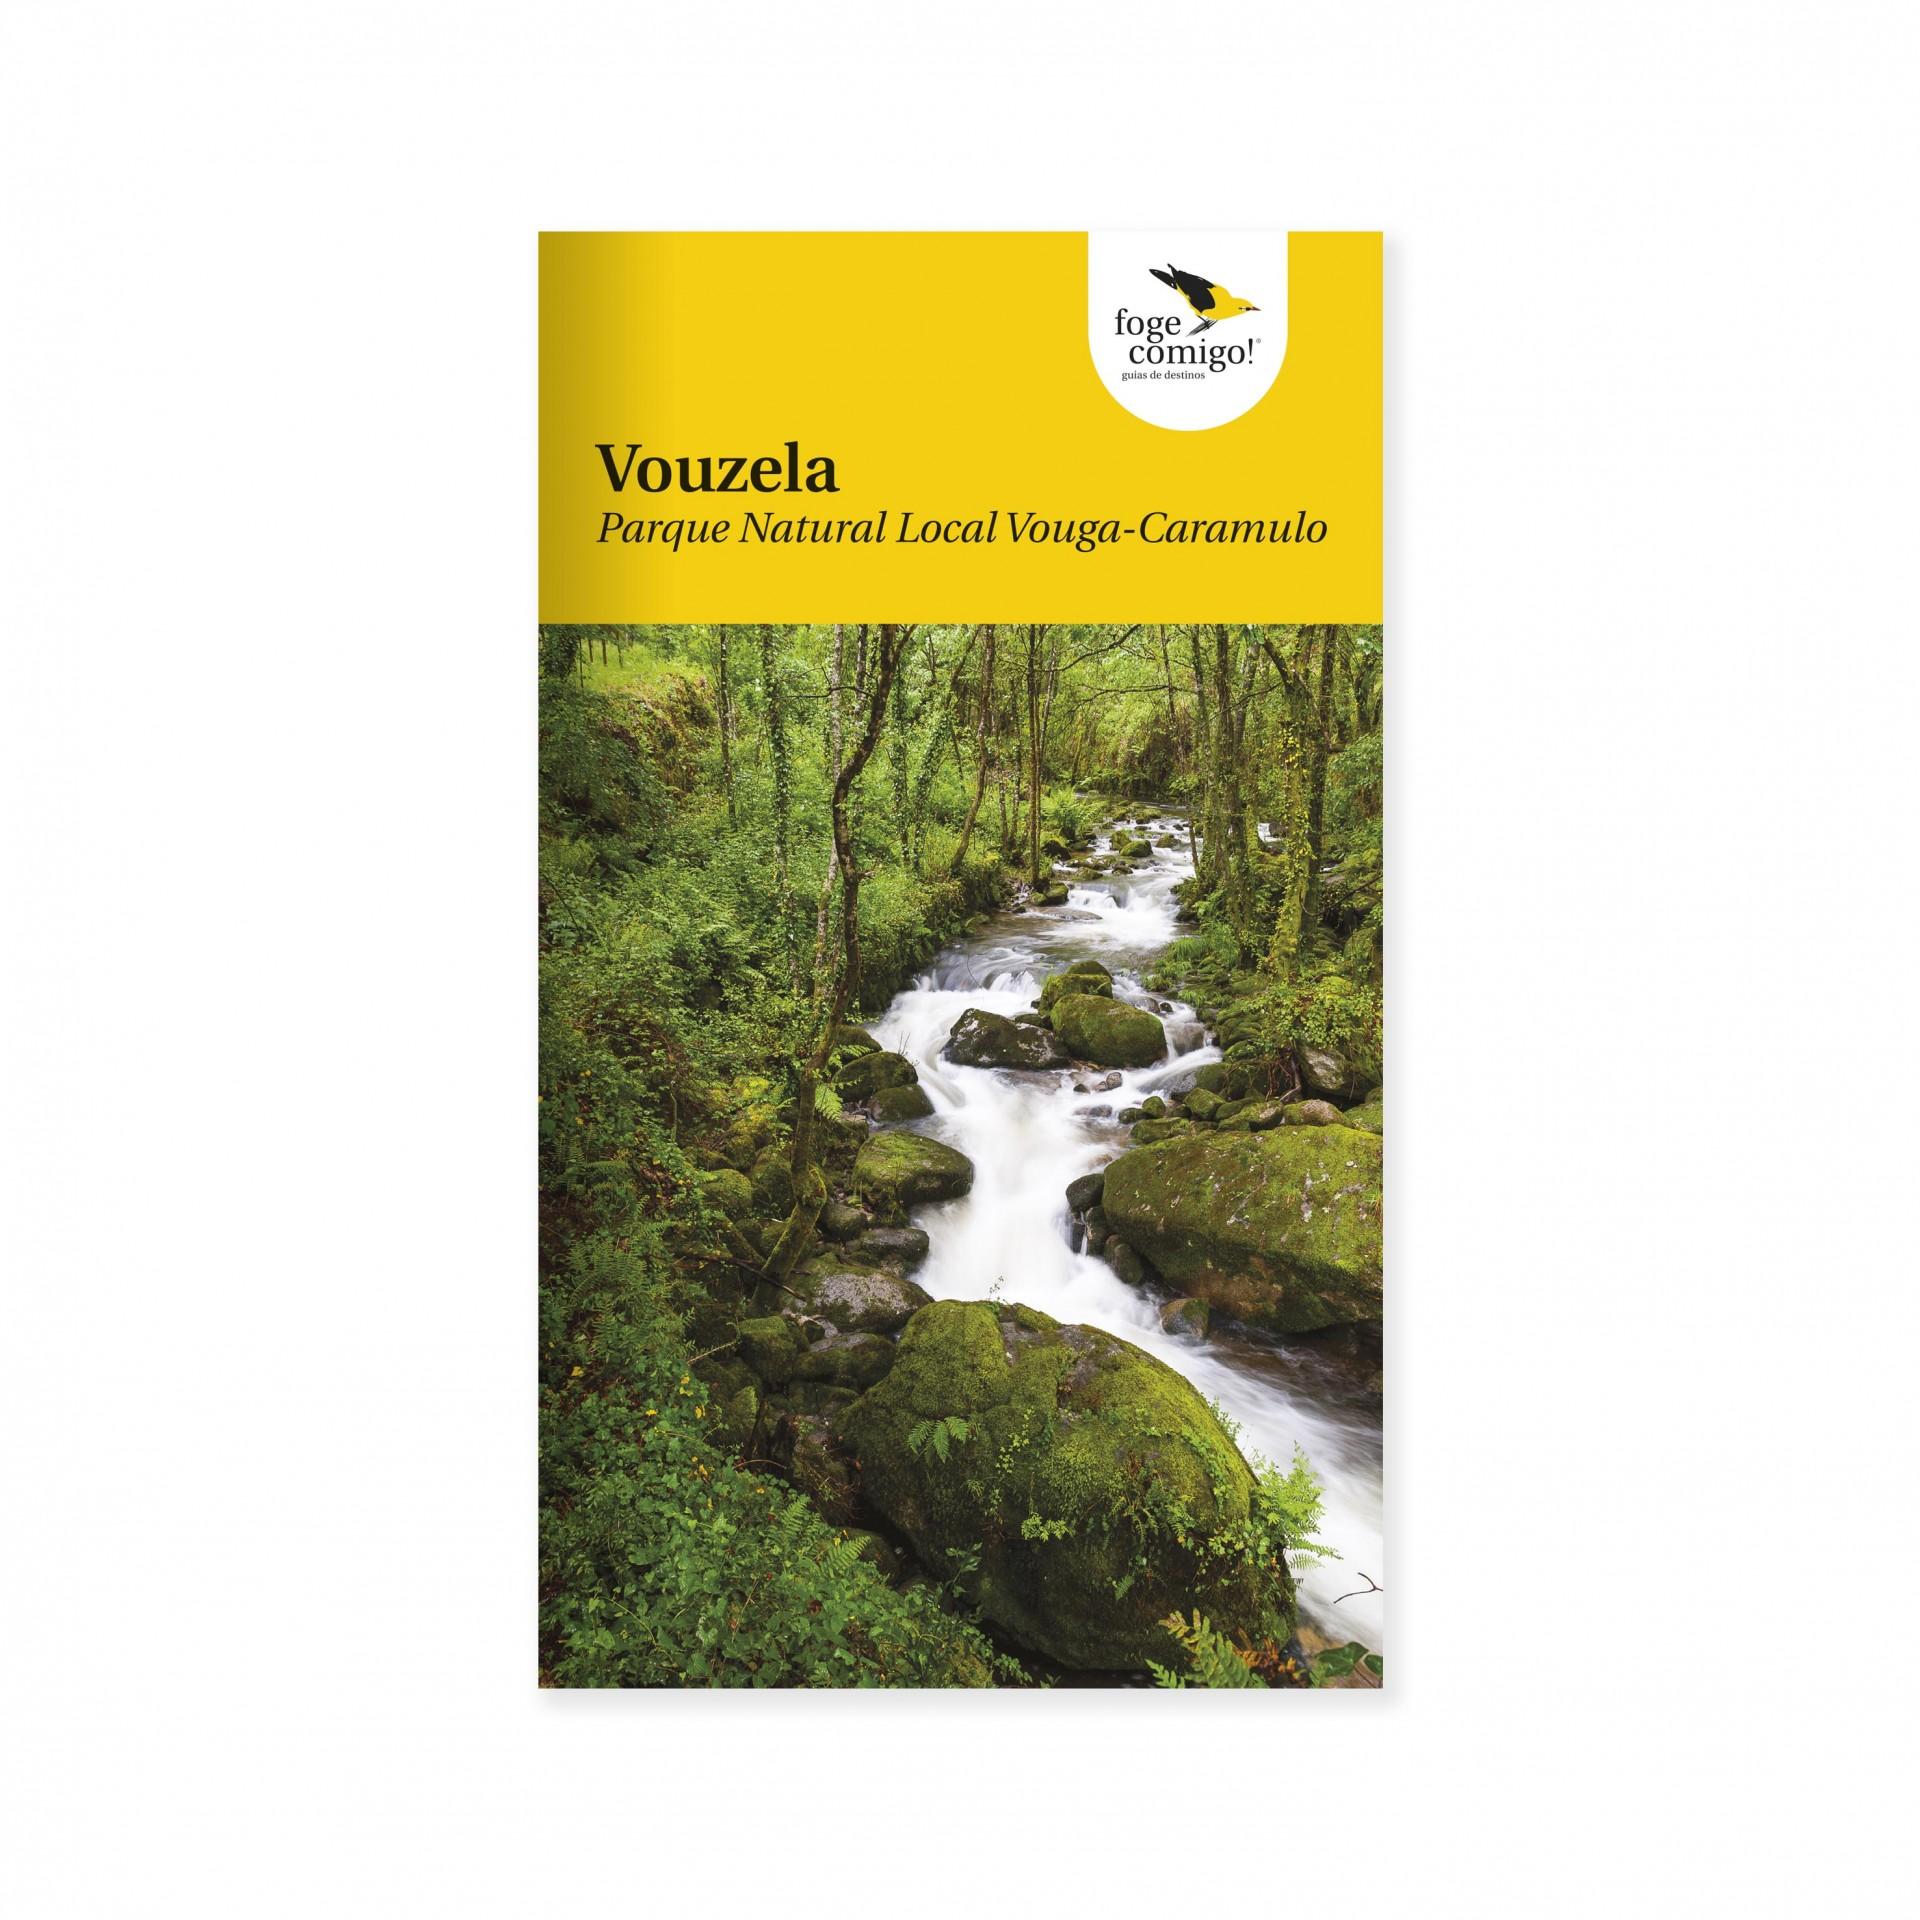 Vouzela - Parque Natural Local Vouga-Caramulo